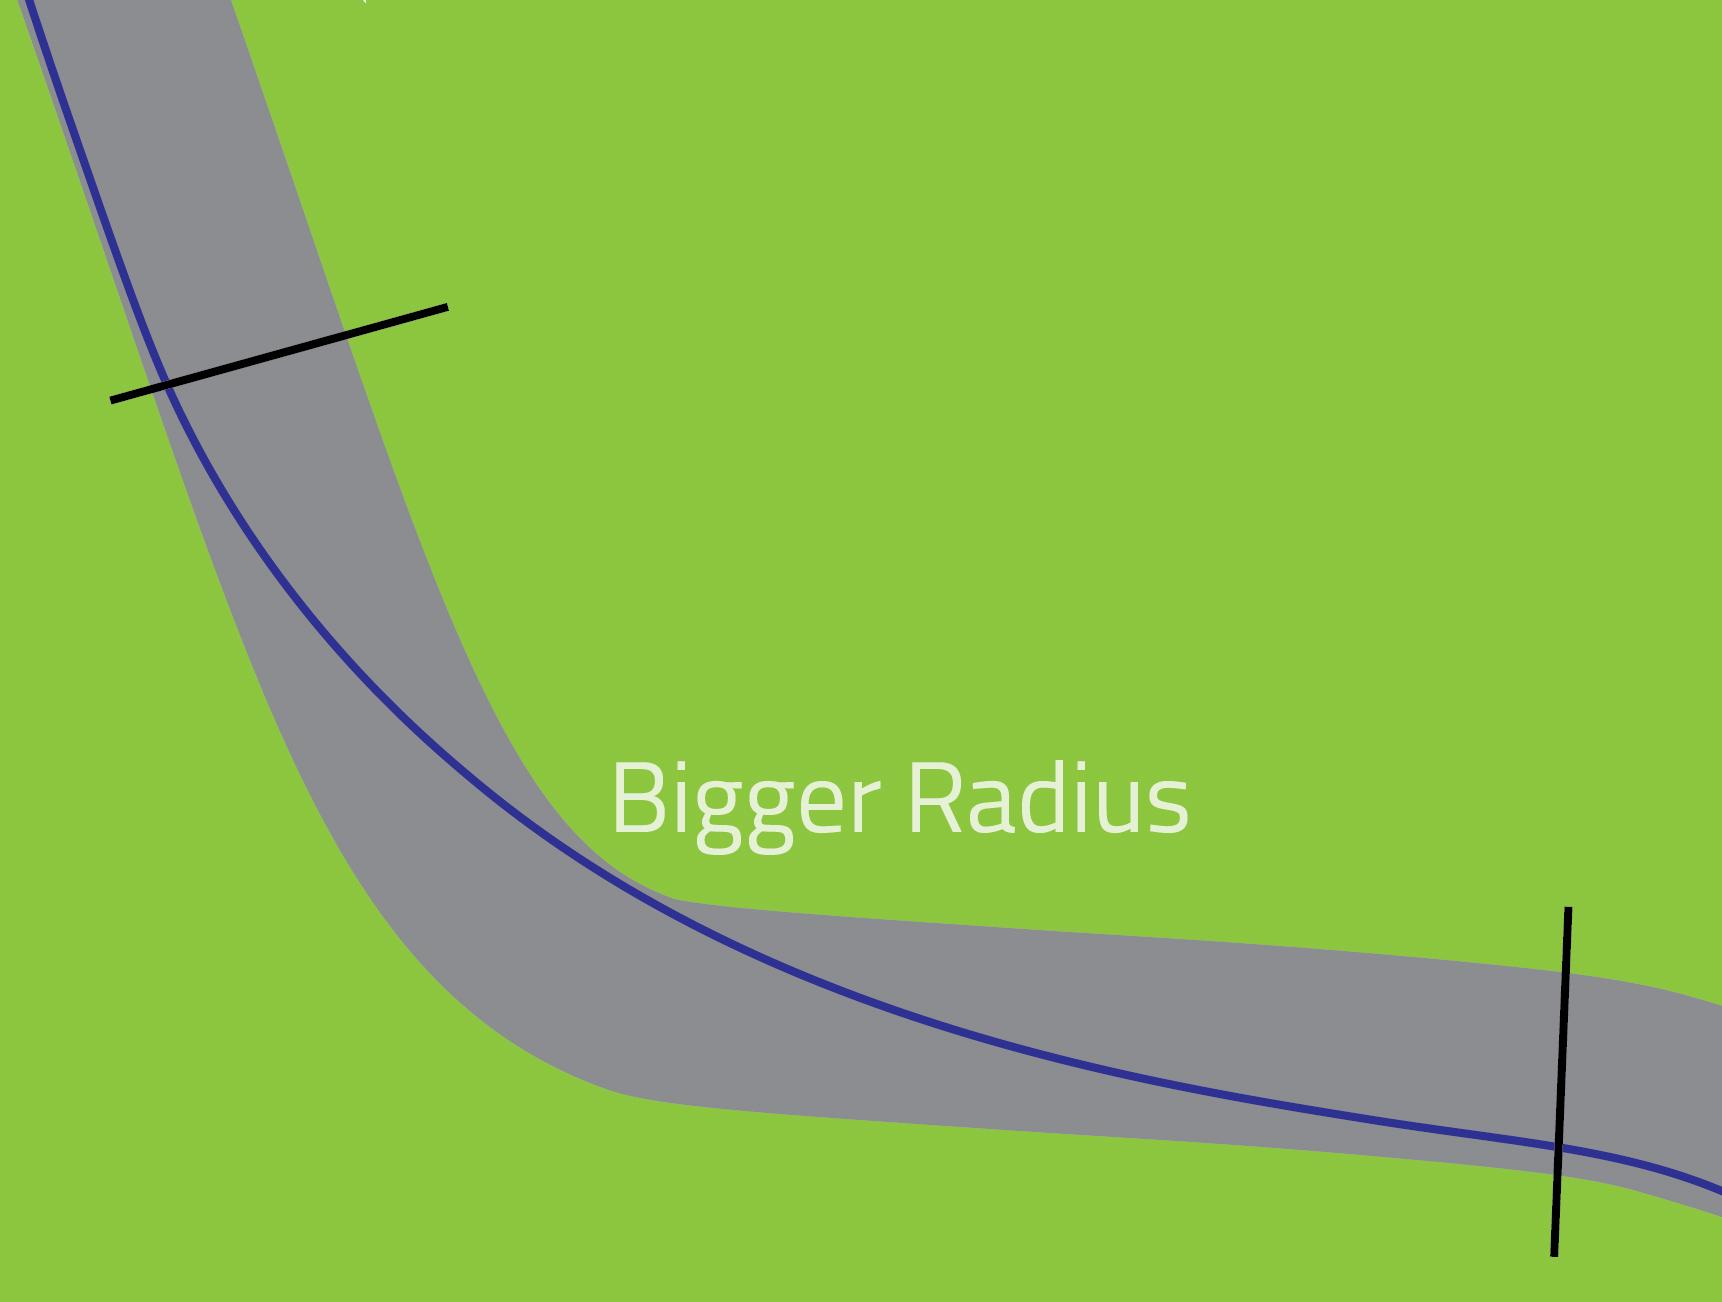 Bigger Radius